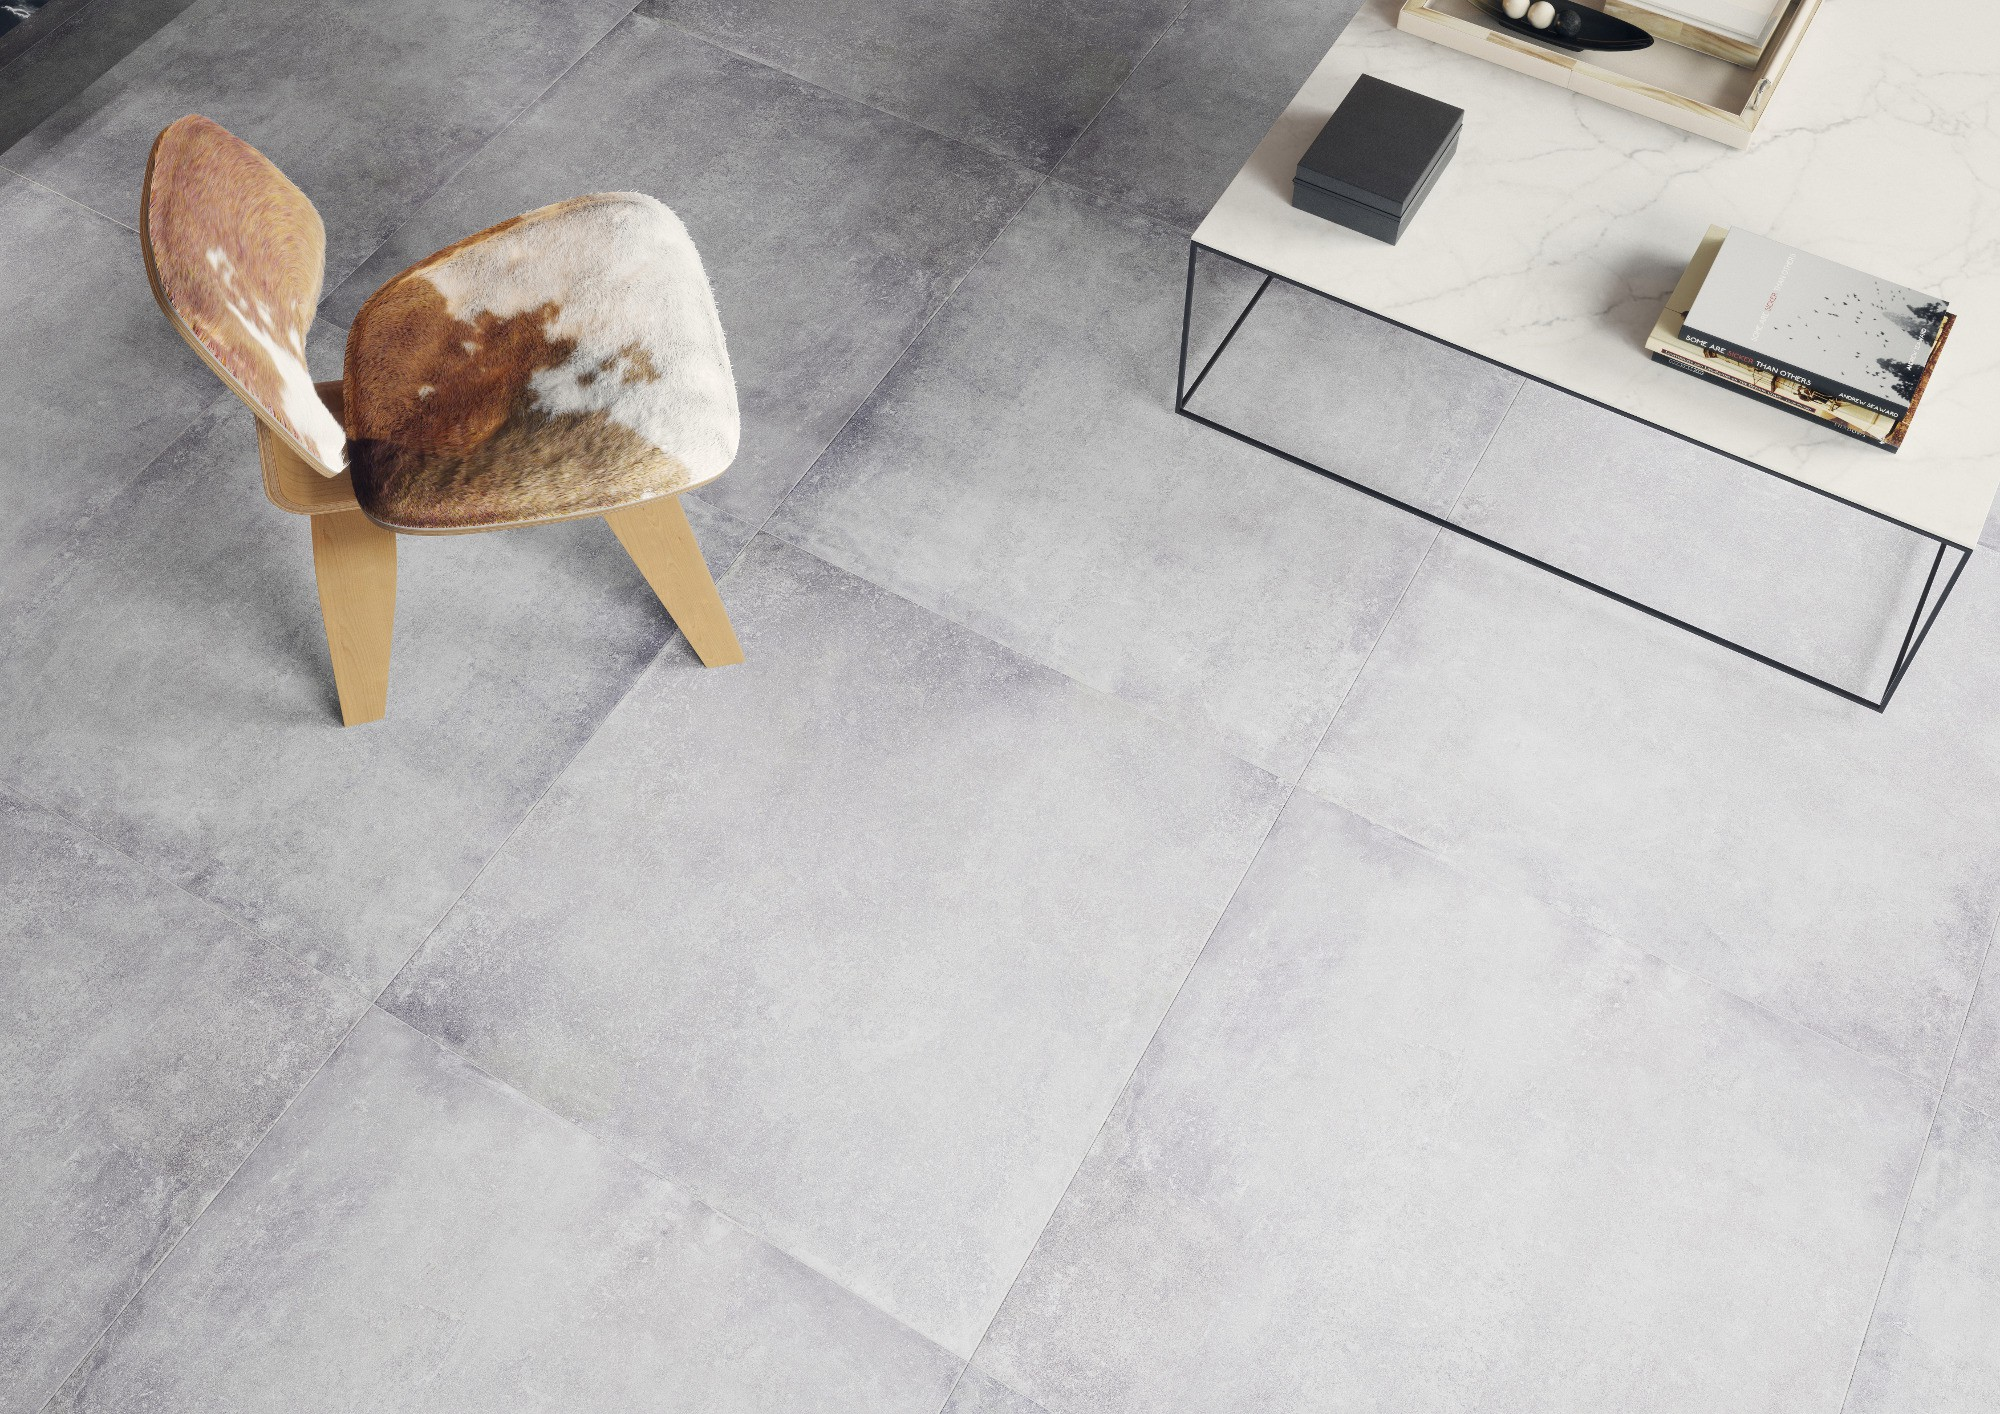 Плитка под бетон в интерьере: фото 11